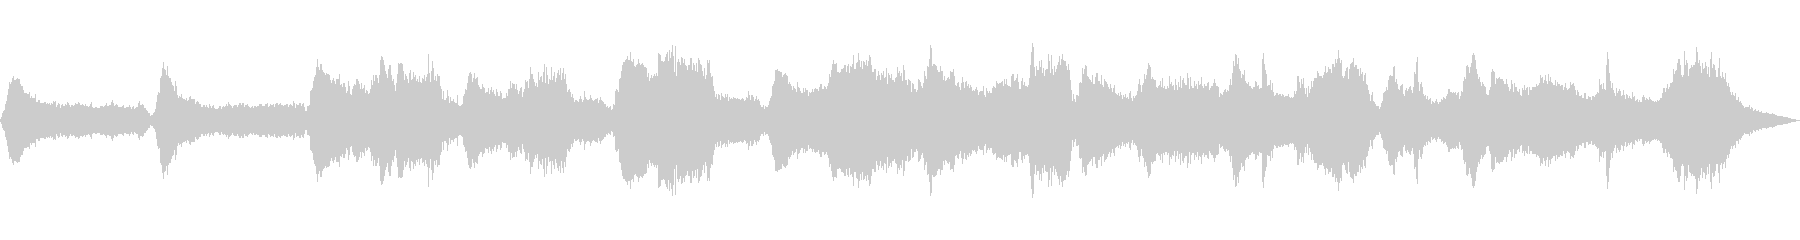 落ち着きのある低音の笛とシンセサイザーの未再生の波形